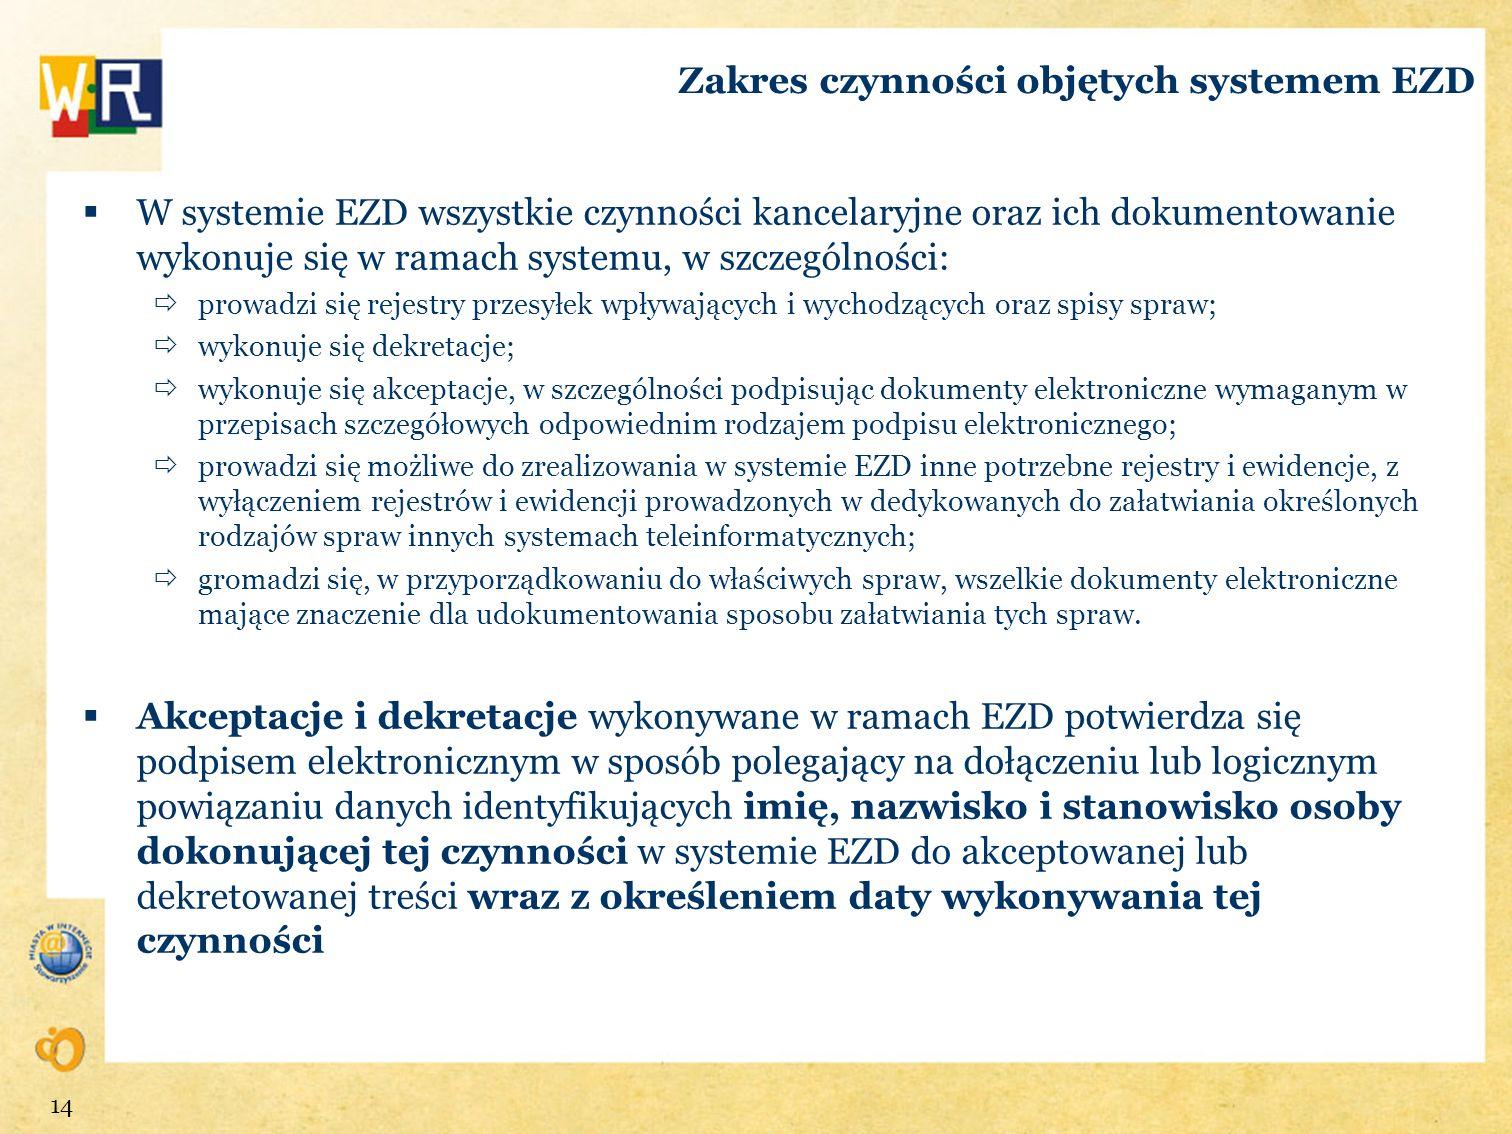 Zakres czynności objętych systemem EZD